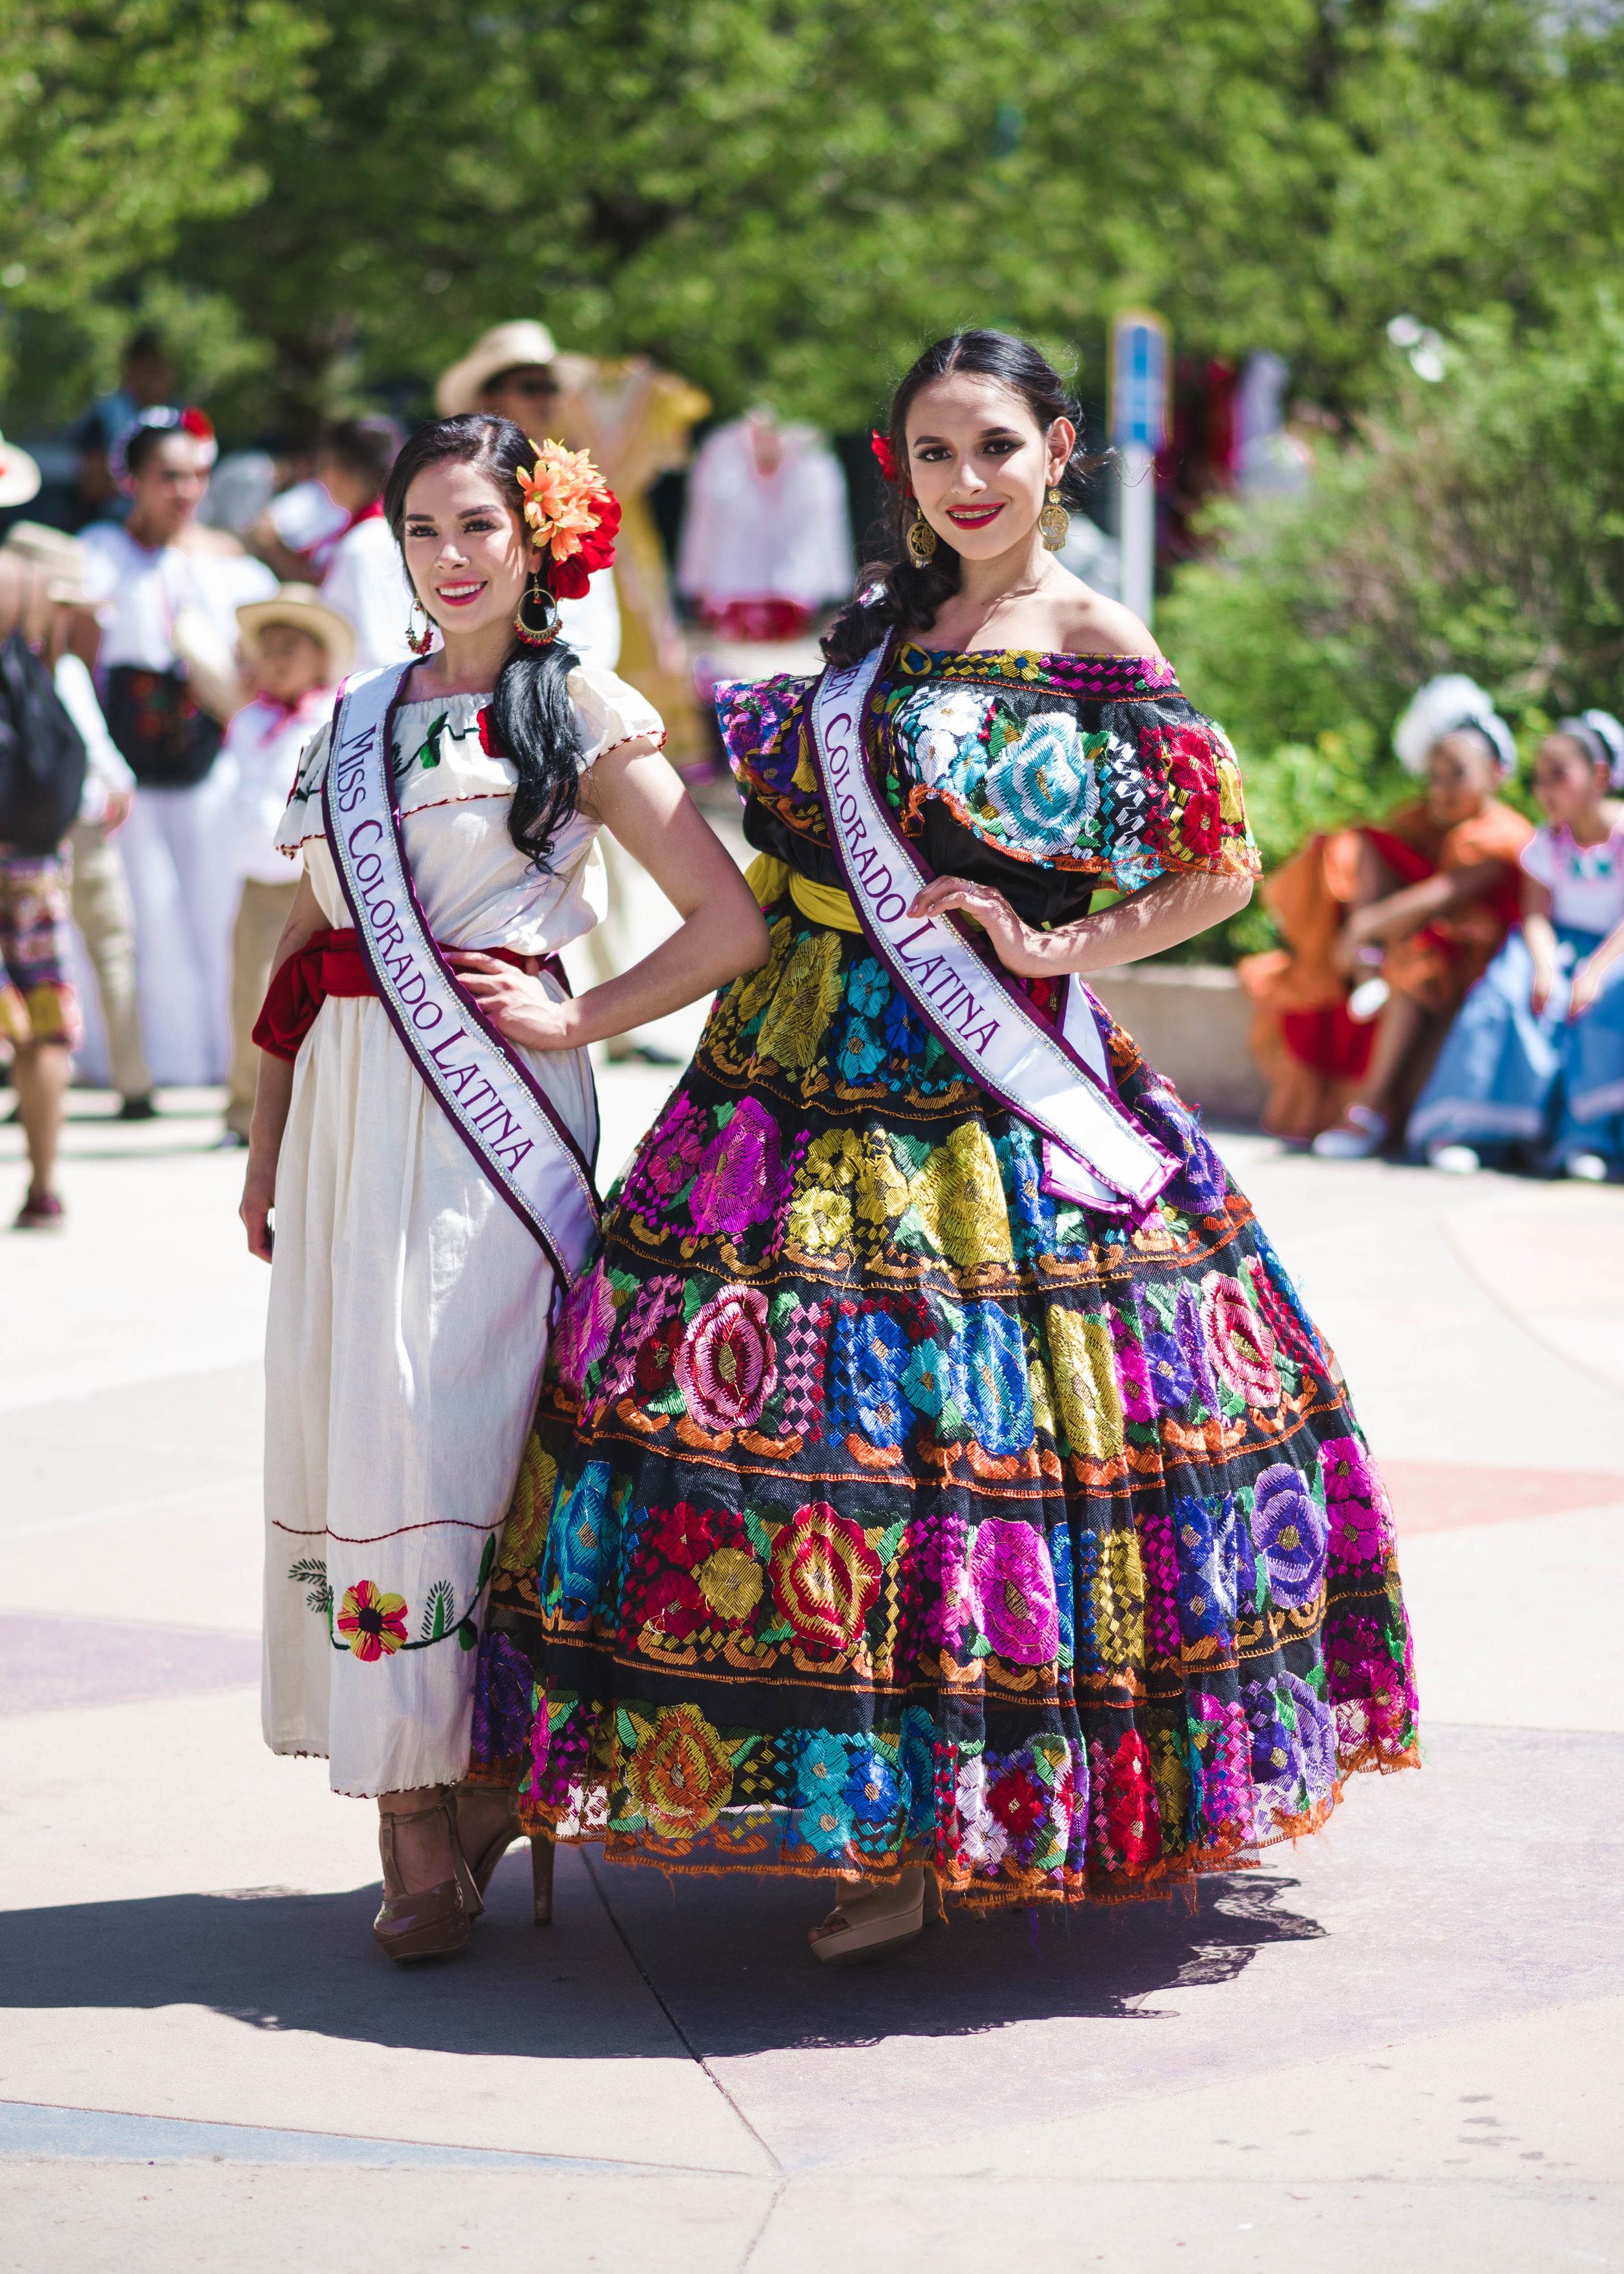 Miss. Colorado Latina and Miss Teen Colorado Latina